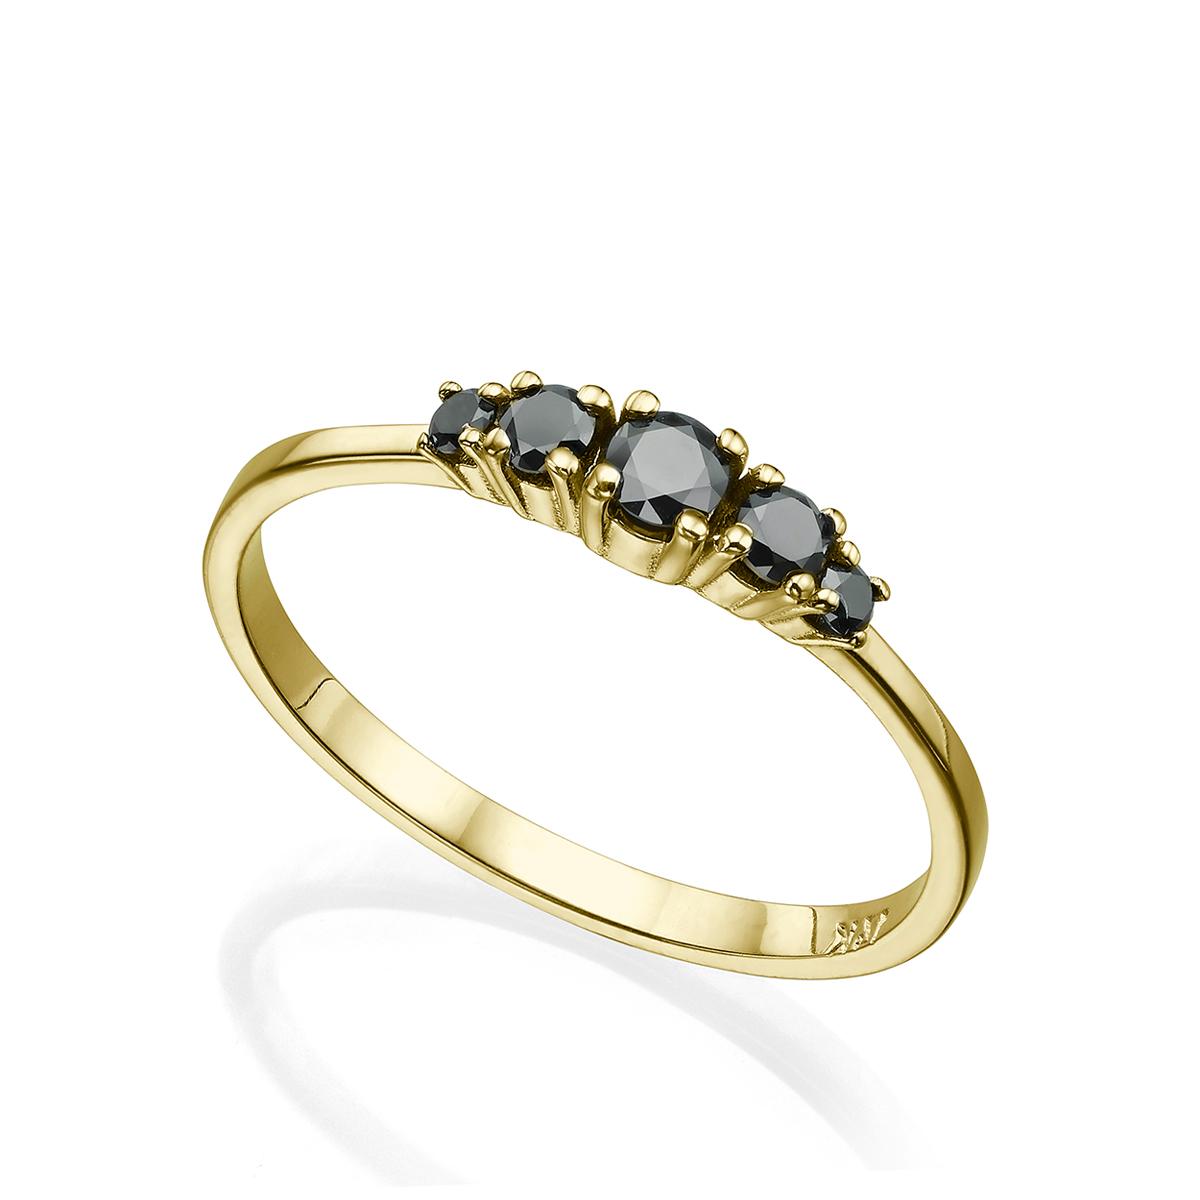 טבעת זהב משובצת 5 יהלומים שחורים, 30 נק', בשיבוץ שיניים